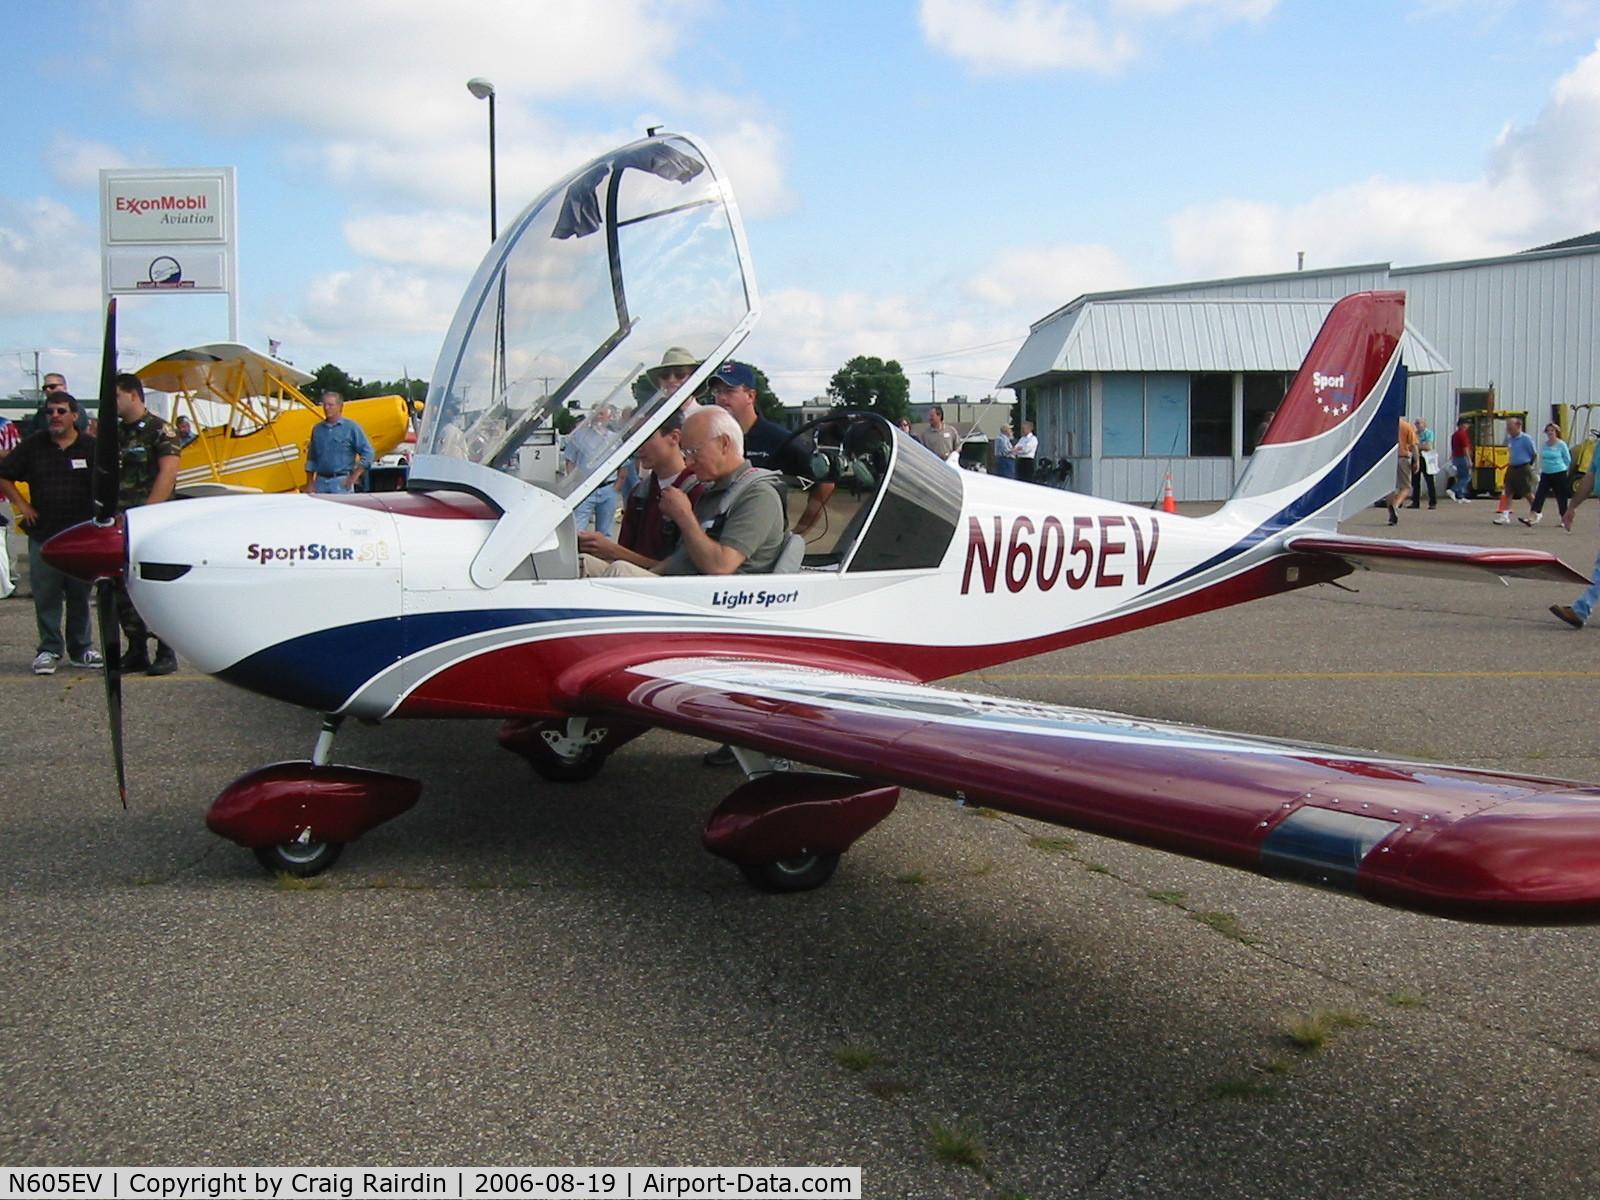 N605EV, 2006 Evektor-Aerotechnik SPORTSTAR C/N 2006 0605, EAA Light Sport Tour